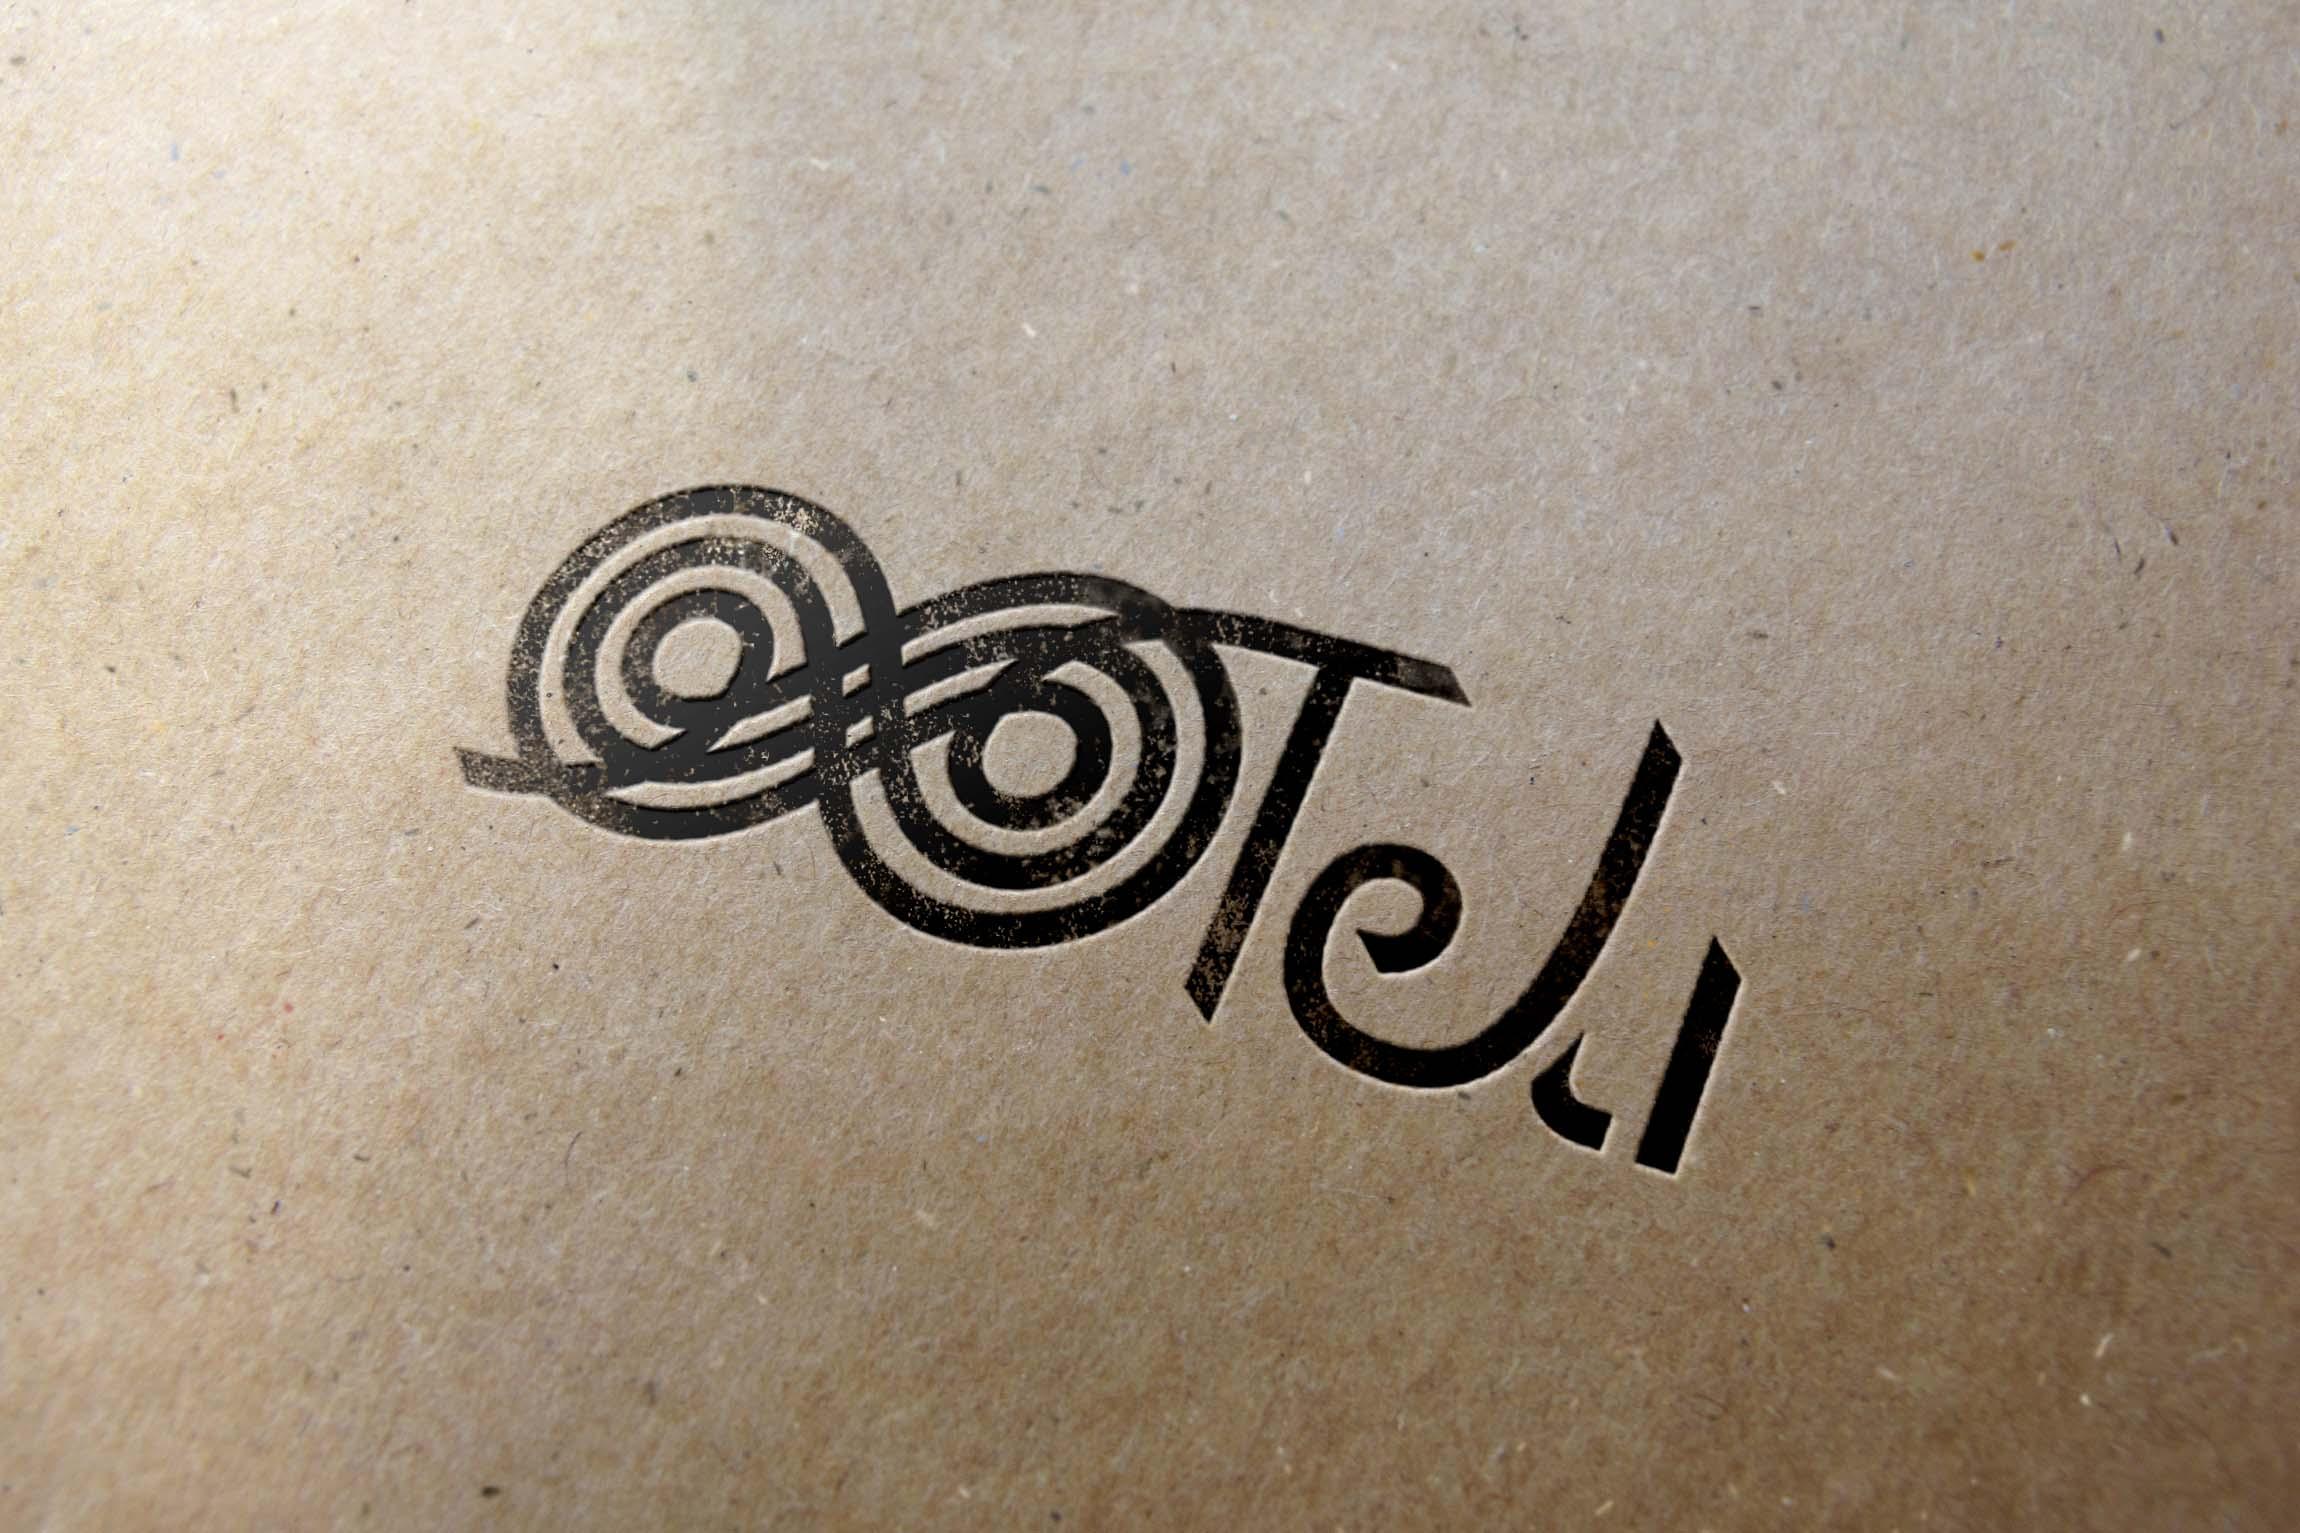 Разработка логотипа и фирменного стиля фото f_19858fdf6bb5dc0f.jpg